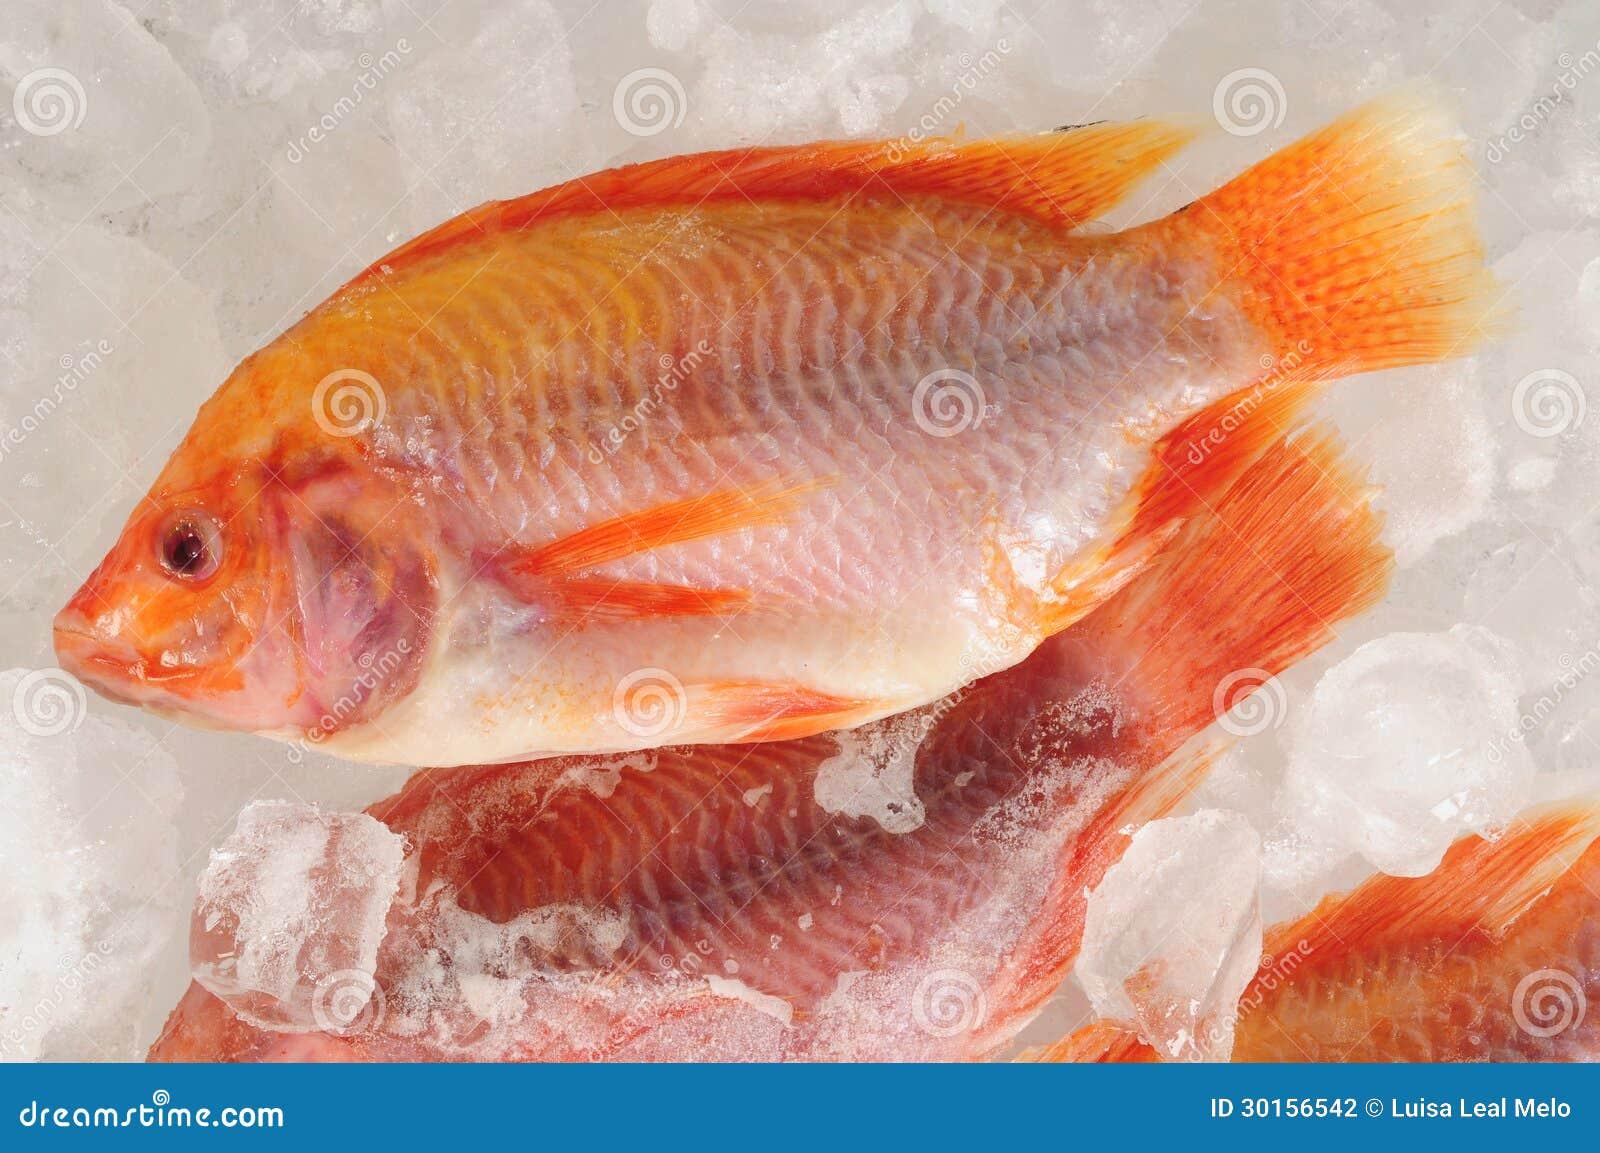 梦见鱼被冻在冰里